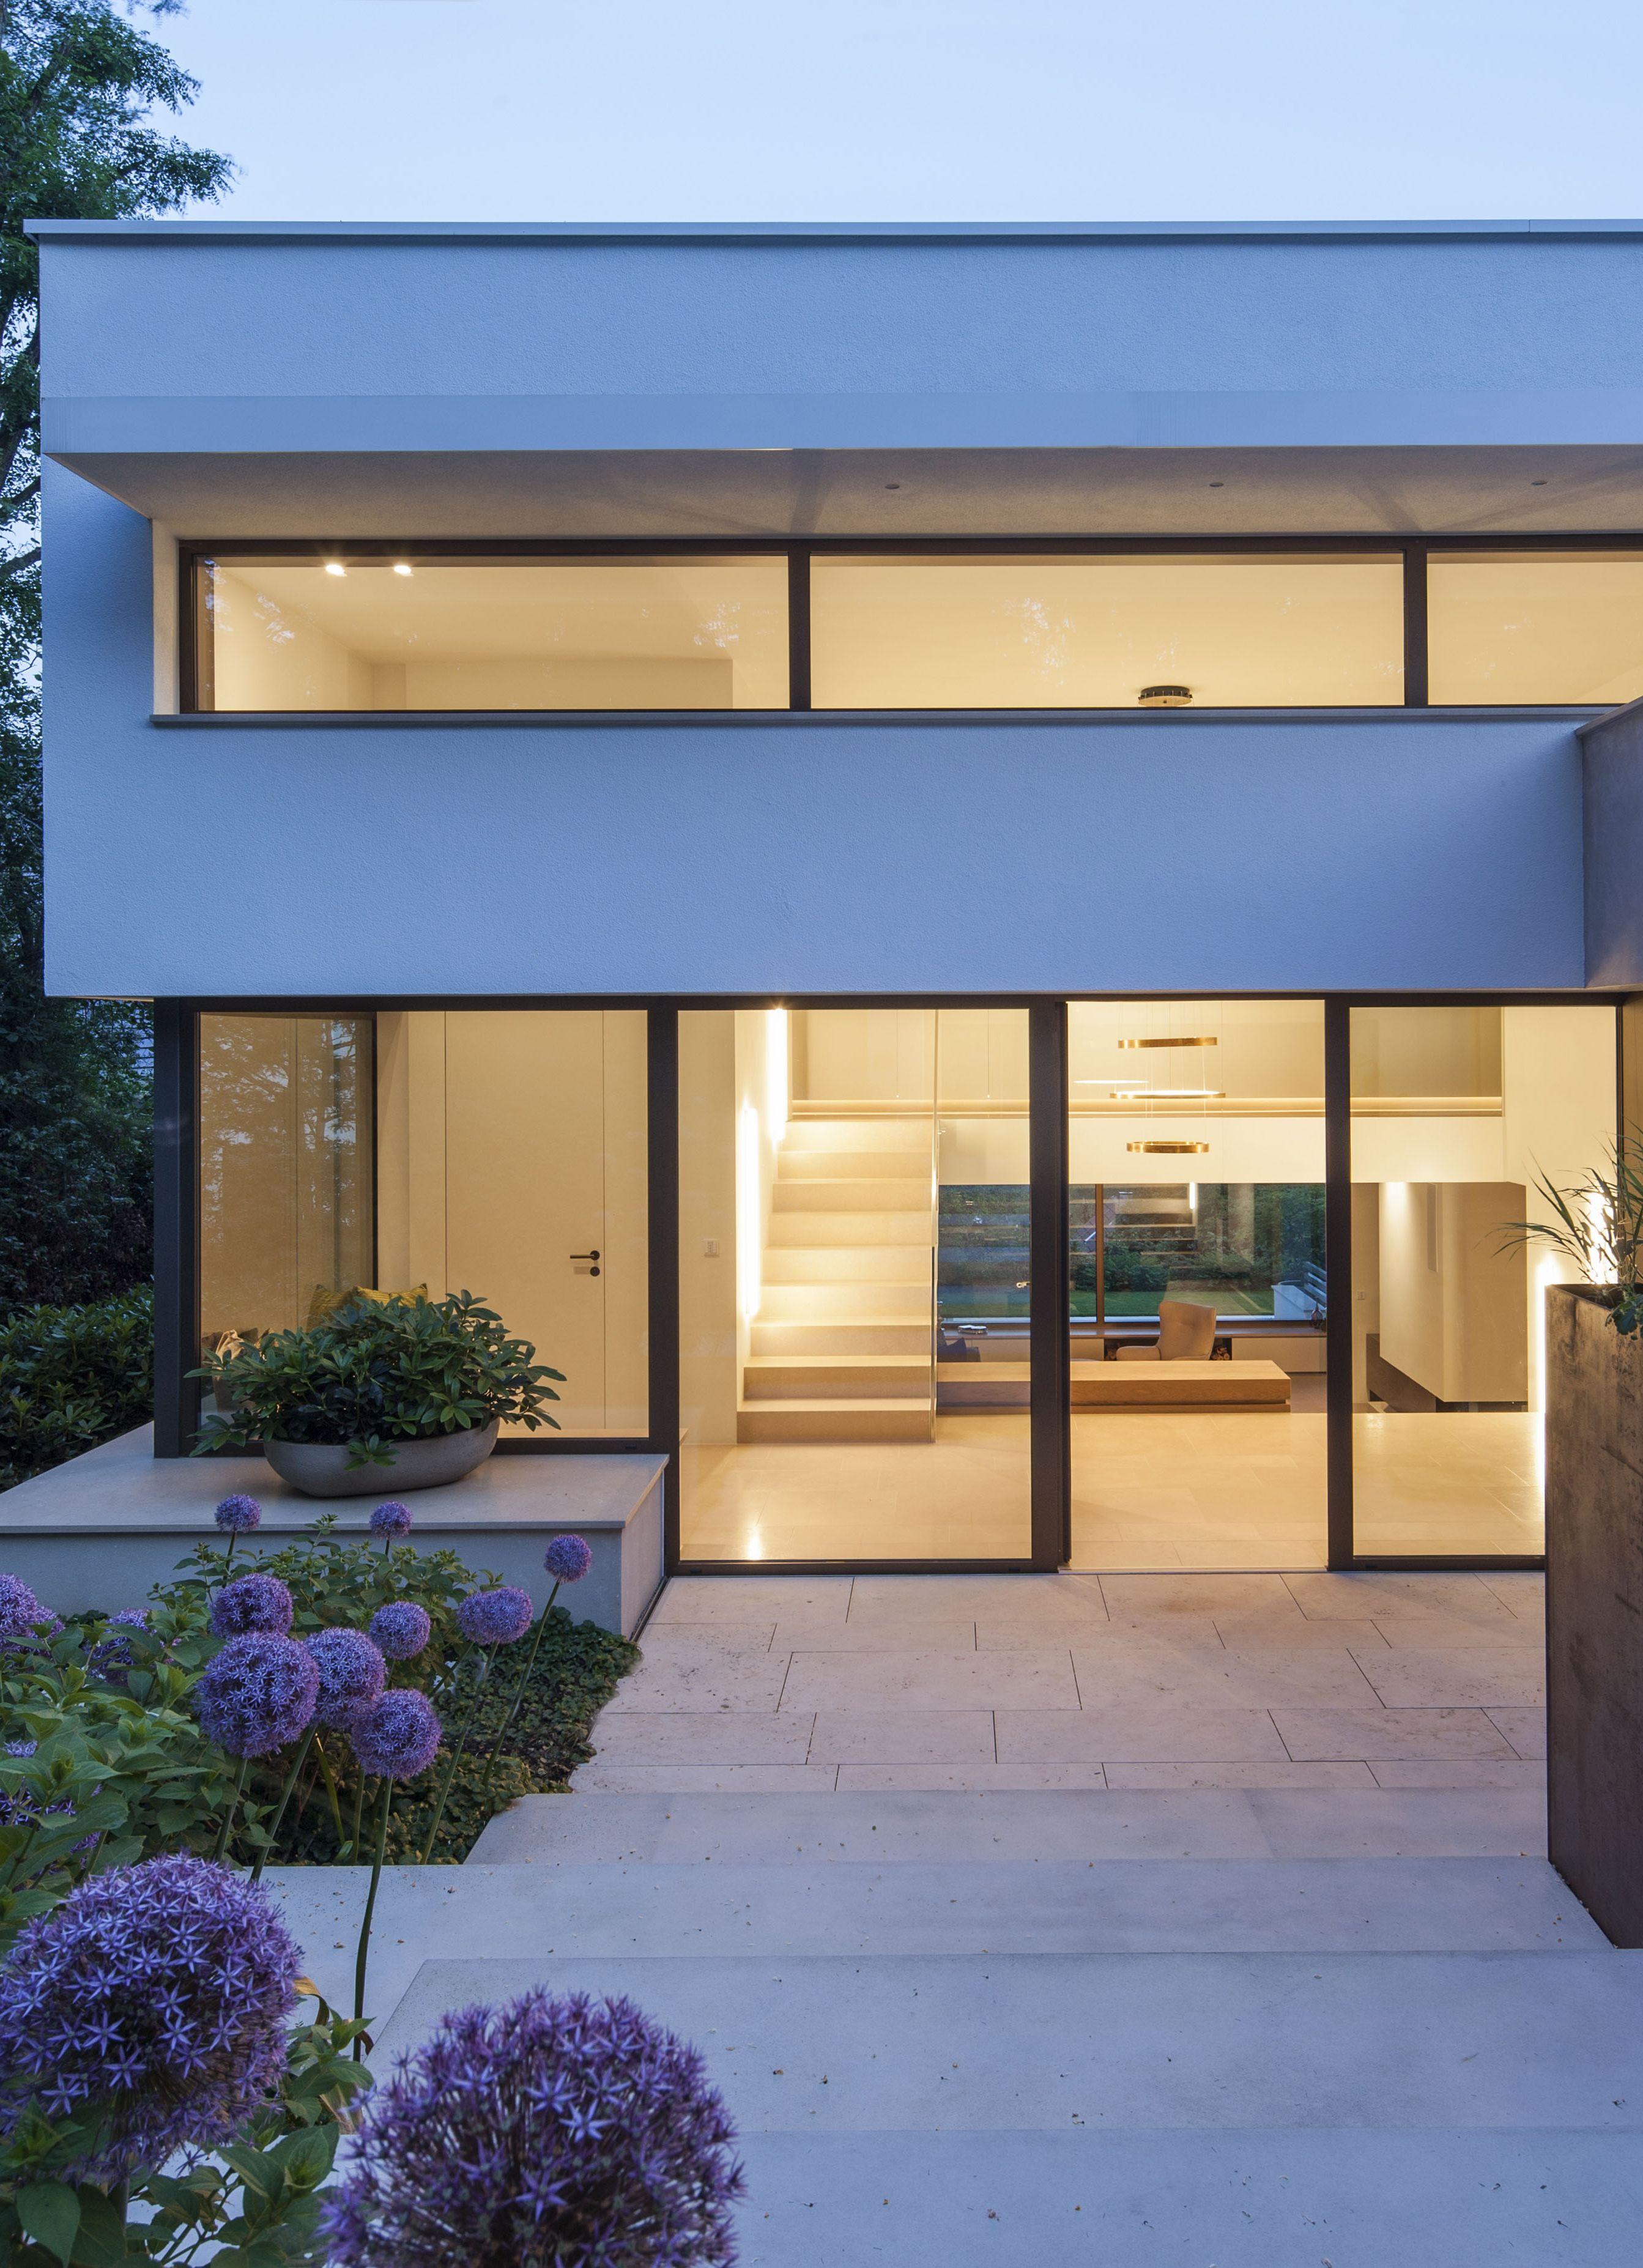 projekt haus bs stuttgart deutschland architekten bda fuchs wacker haus bs. Black Bedroom Furniture Sets. Home Design Ideas